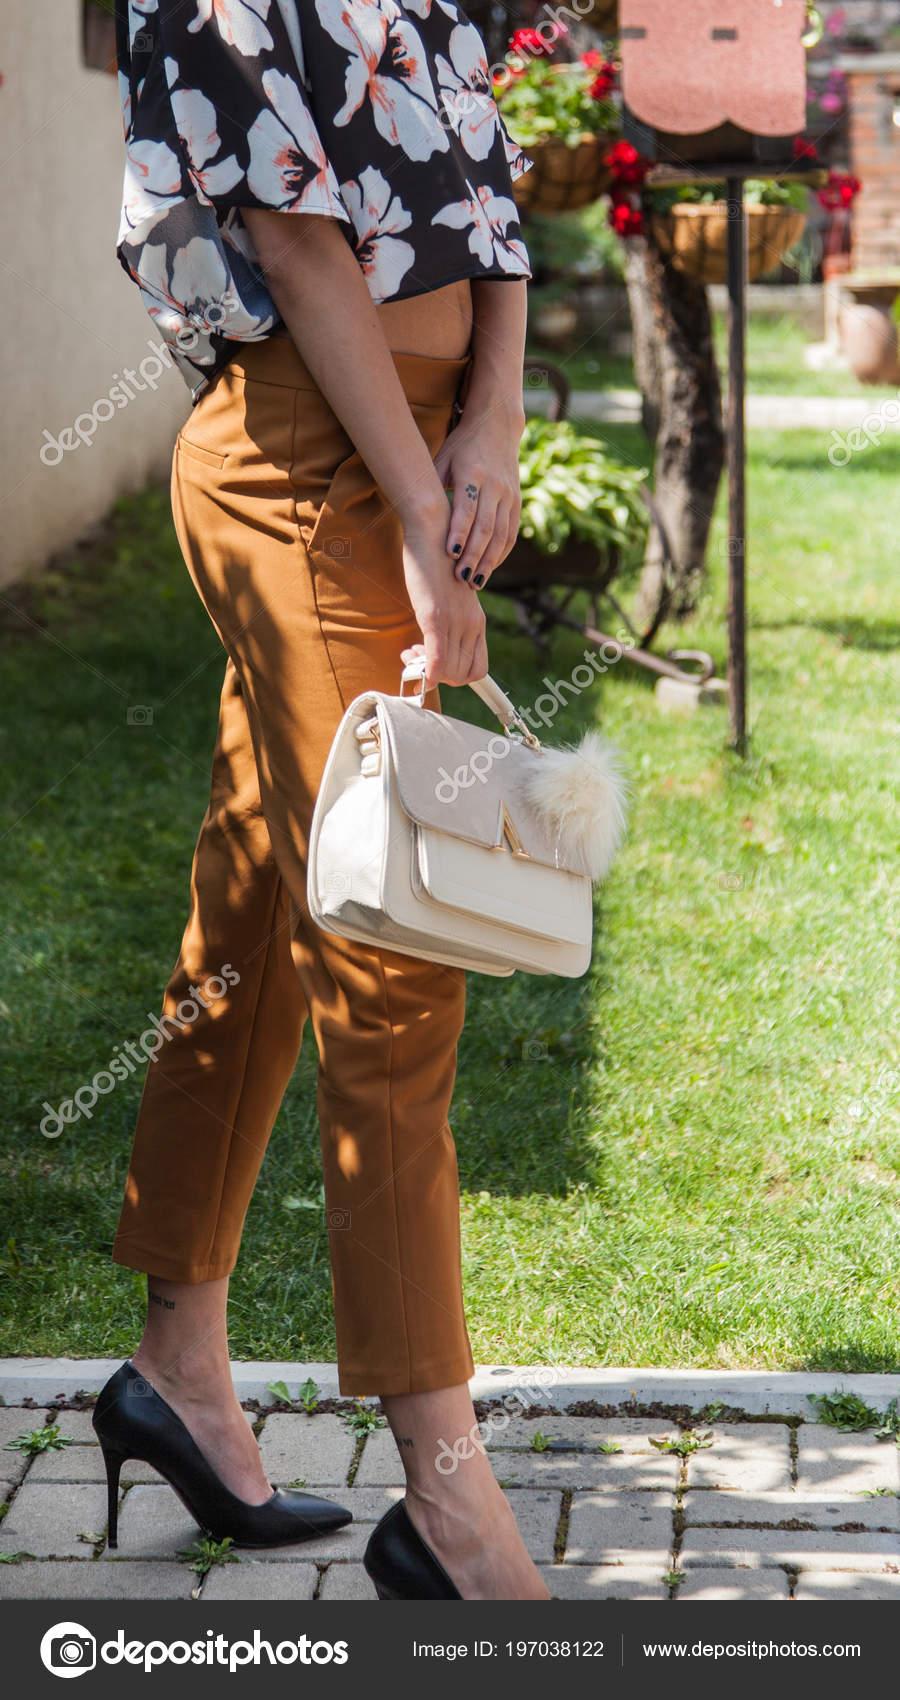 Νεαρό ελκυστική γυναίκα μοντέλο με μακριά πόδια σε μαύρο ψηλά τακούνια που  φορούσε καφέ παντελόνι και κενταύριο-πουκάμισο με λουλούδι designe σε αυτό  ... a89bf2fe761